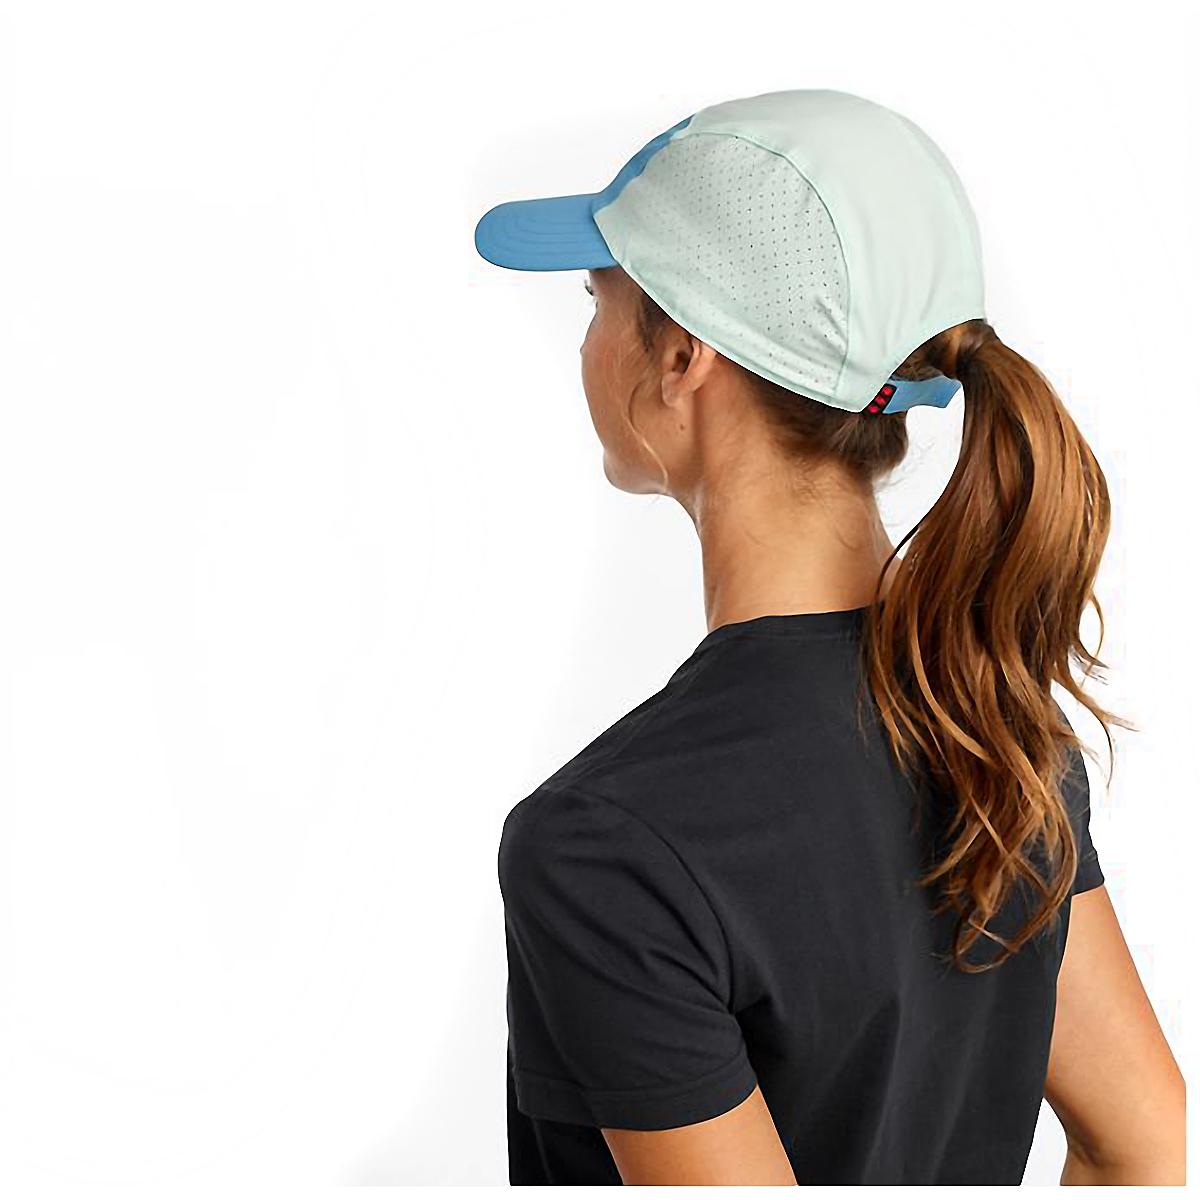 Saucony Outpace Hat - Color: Bonnie Blue, Bonnie Blue, large, image 2